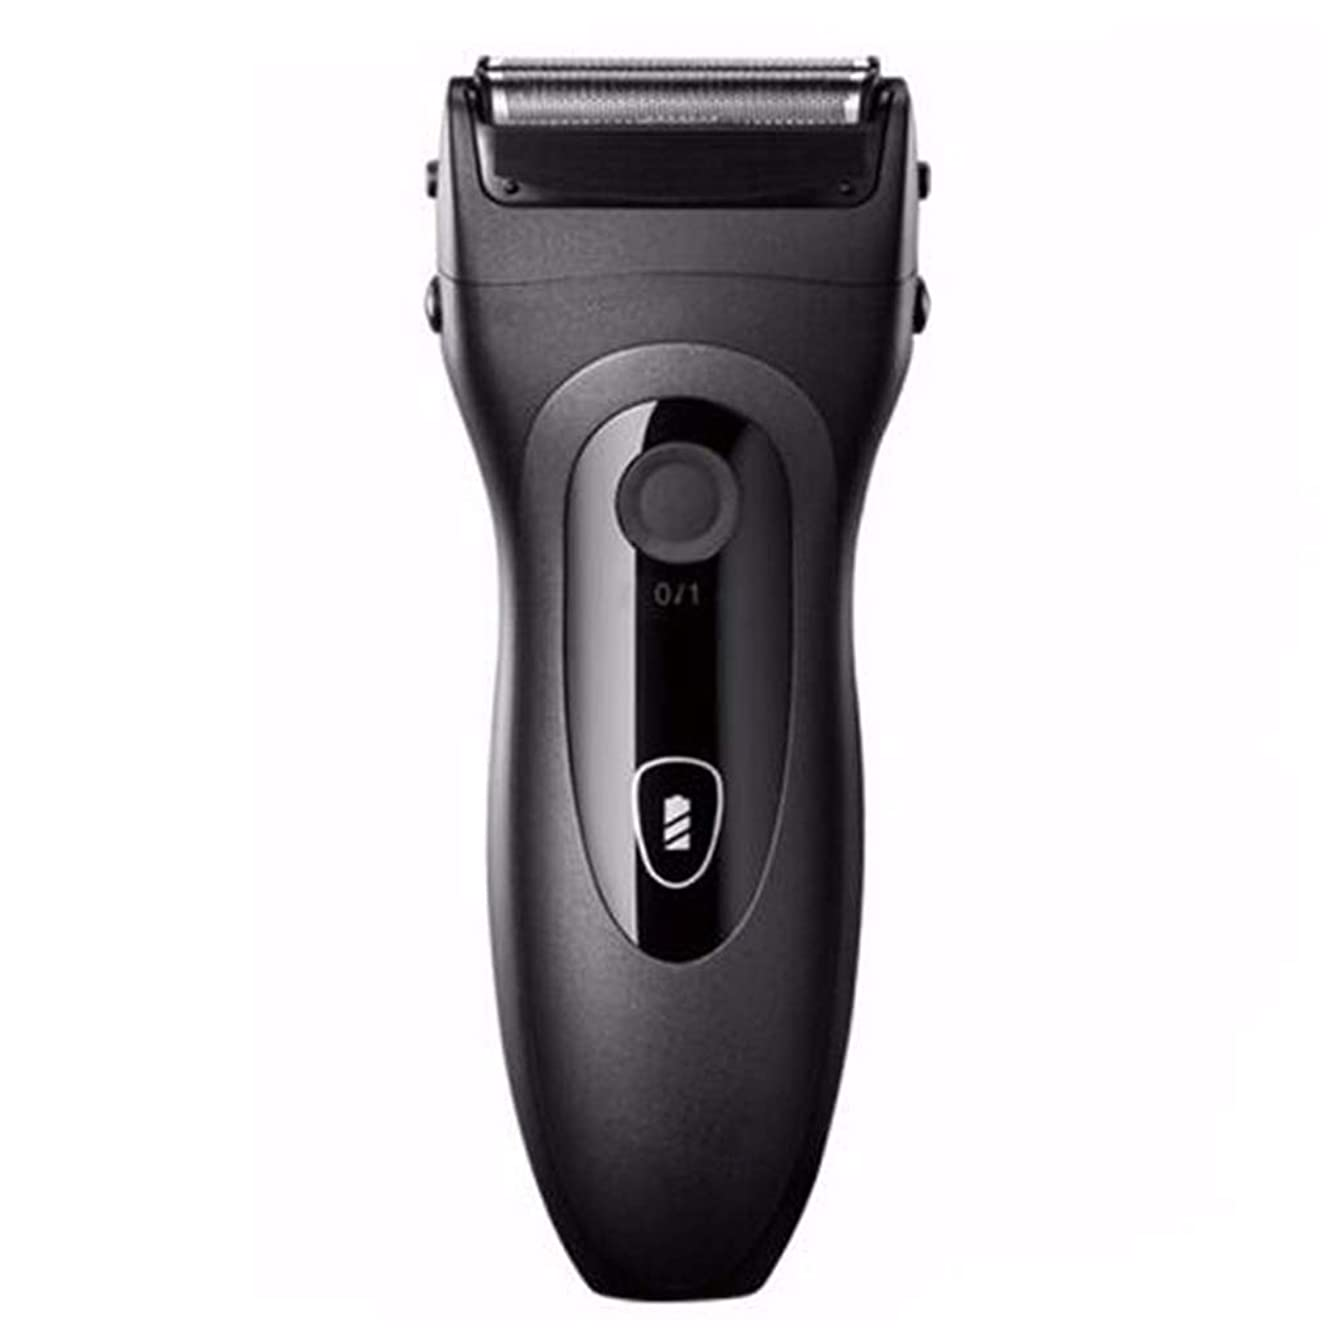 甘美な水曜日無駄ひげそり 電動 メンズシェーバー,往復式 髭剃り 電気シェーバー USB充電式 IPX7防水 電気シェーバー ディスプレイ お風呂剃りドライ両用 人気プレゼント